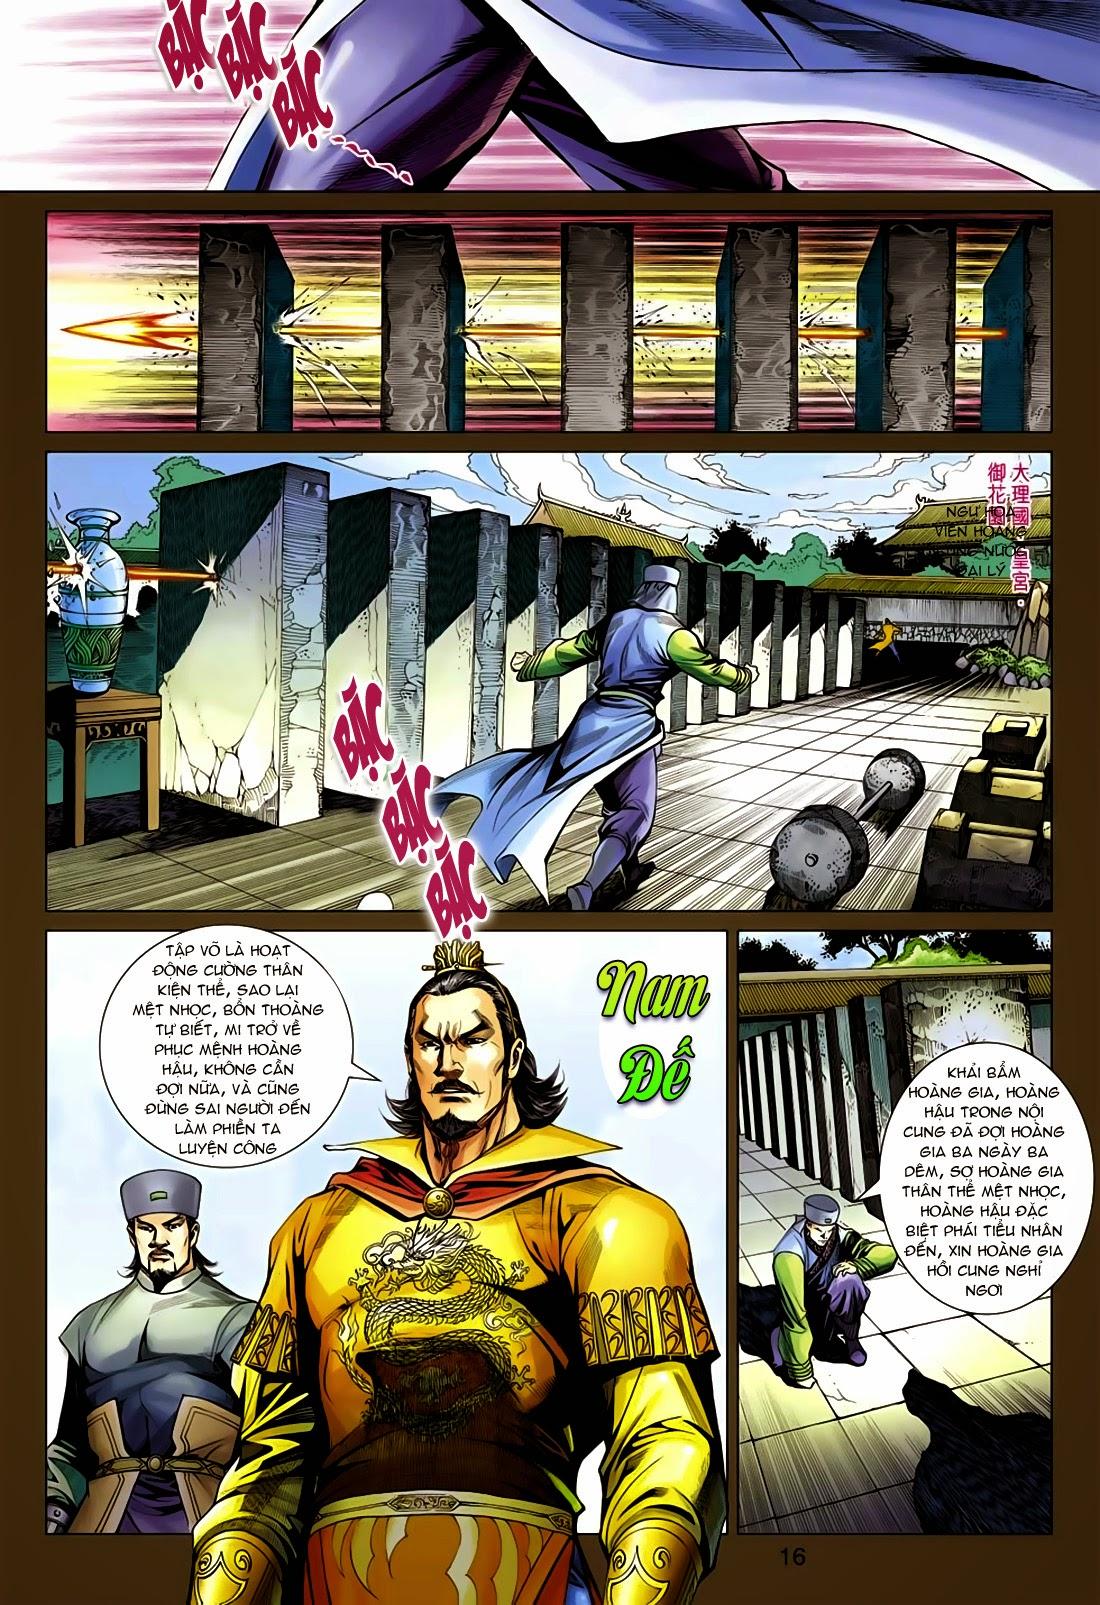 Anh Hùng Xạ Điêu anh hùng xạ đêu chap 75: hoàng thành cựu sự trang 16